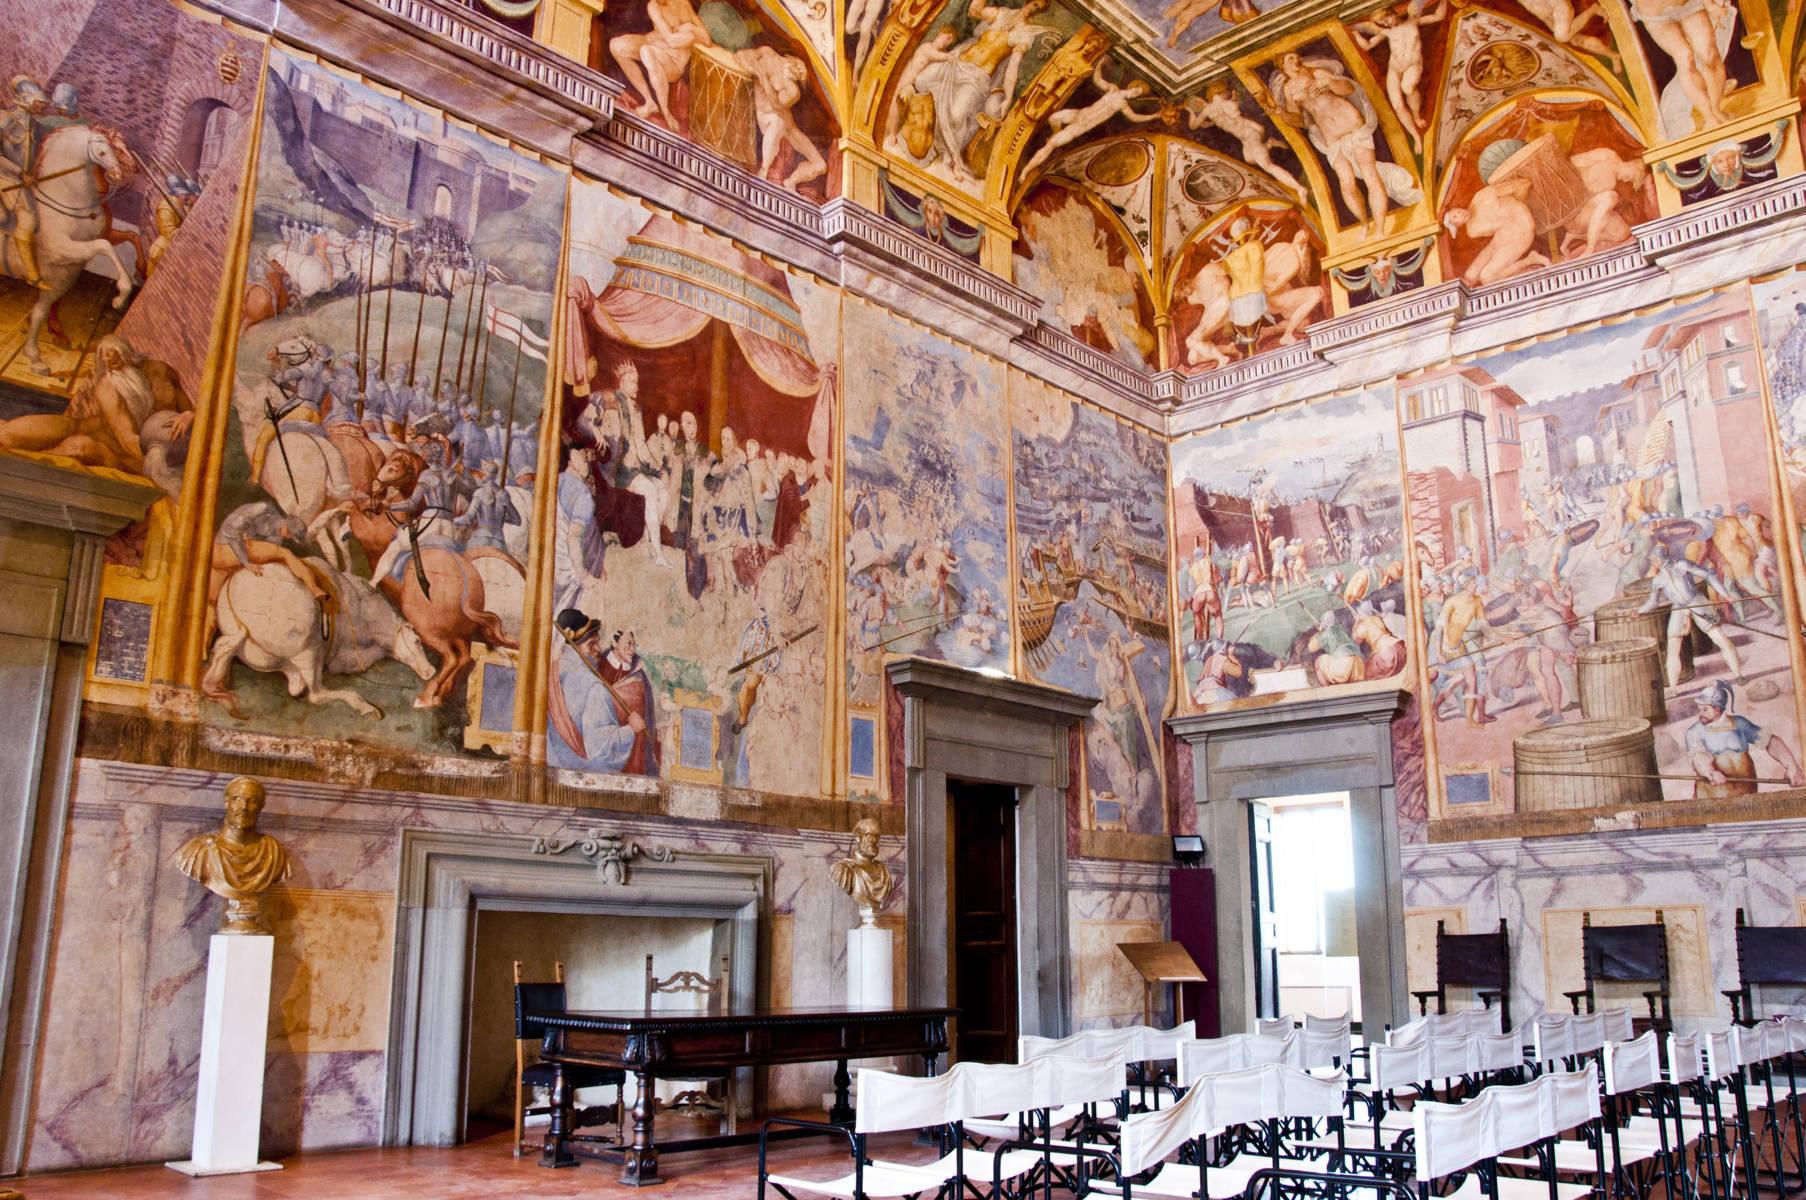 Castiglione del lago cosa vedere: affreschi a palazzo della Corgna